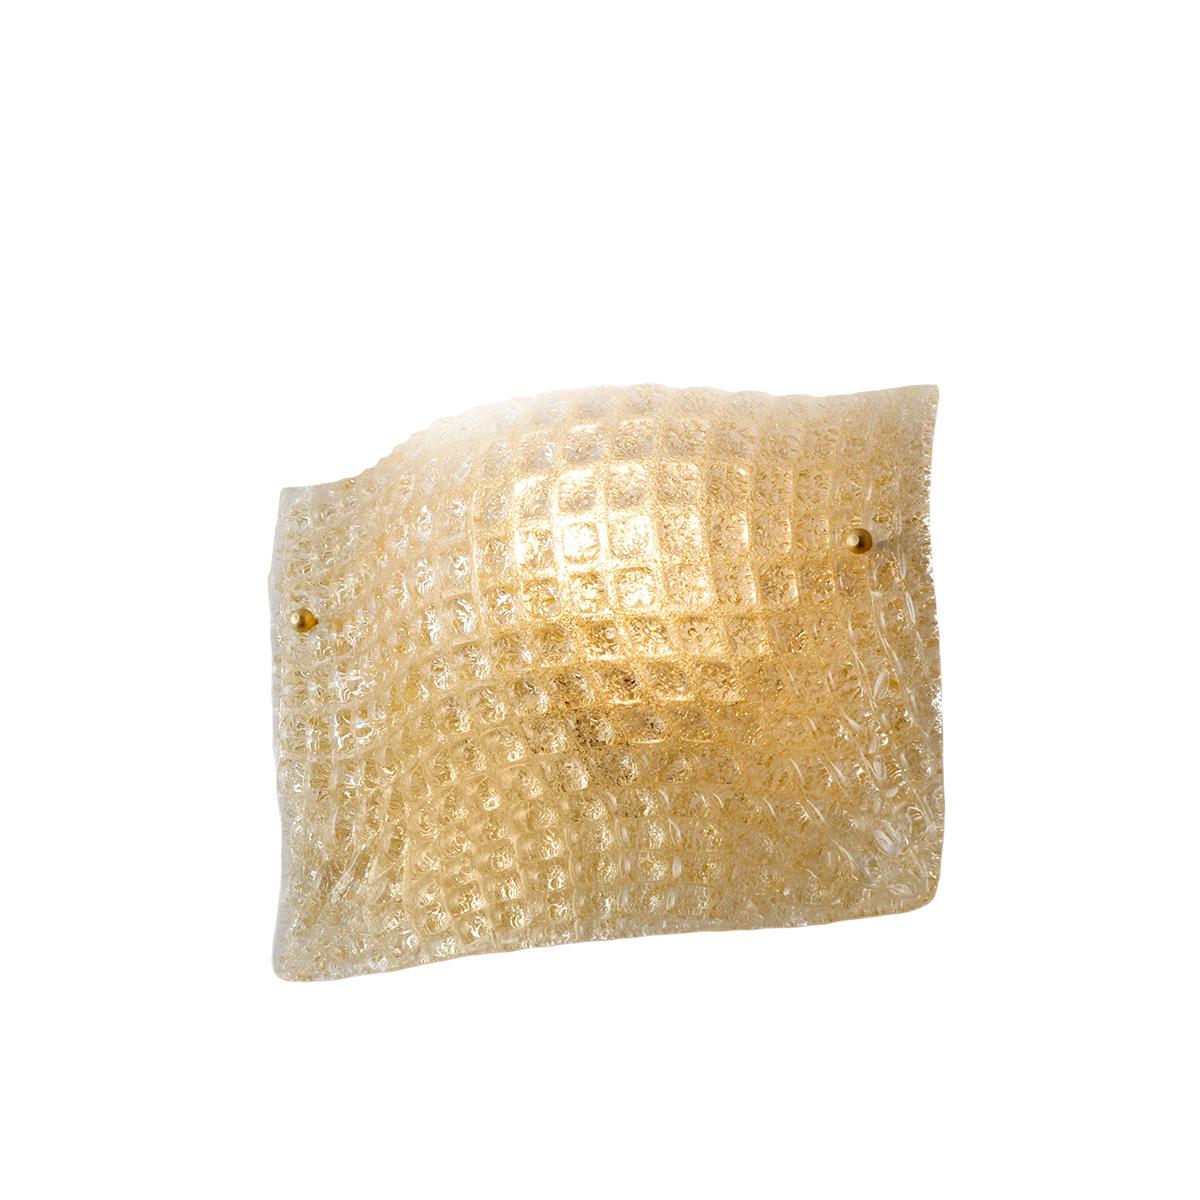 Κλασική απλίκα μελί κρύσταλλο Μουράνο ΜΑΝΤΗΛΙ classic amber Murano crystal wall lamp